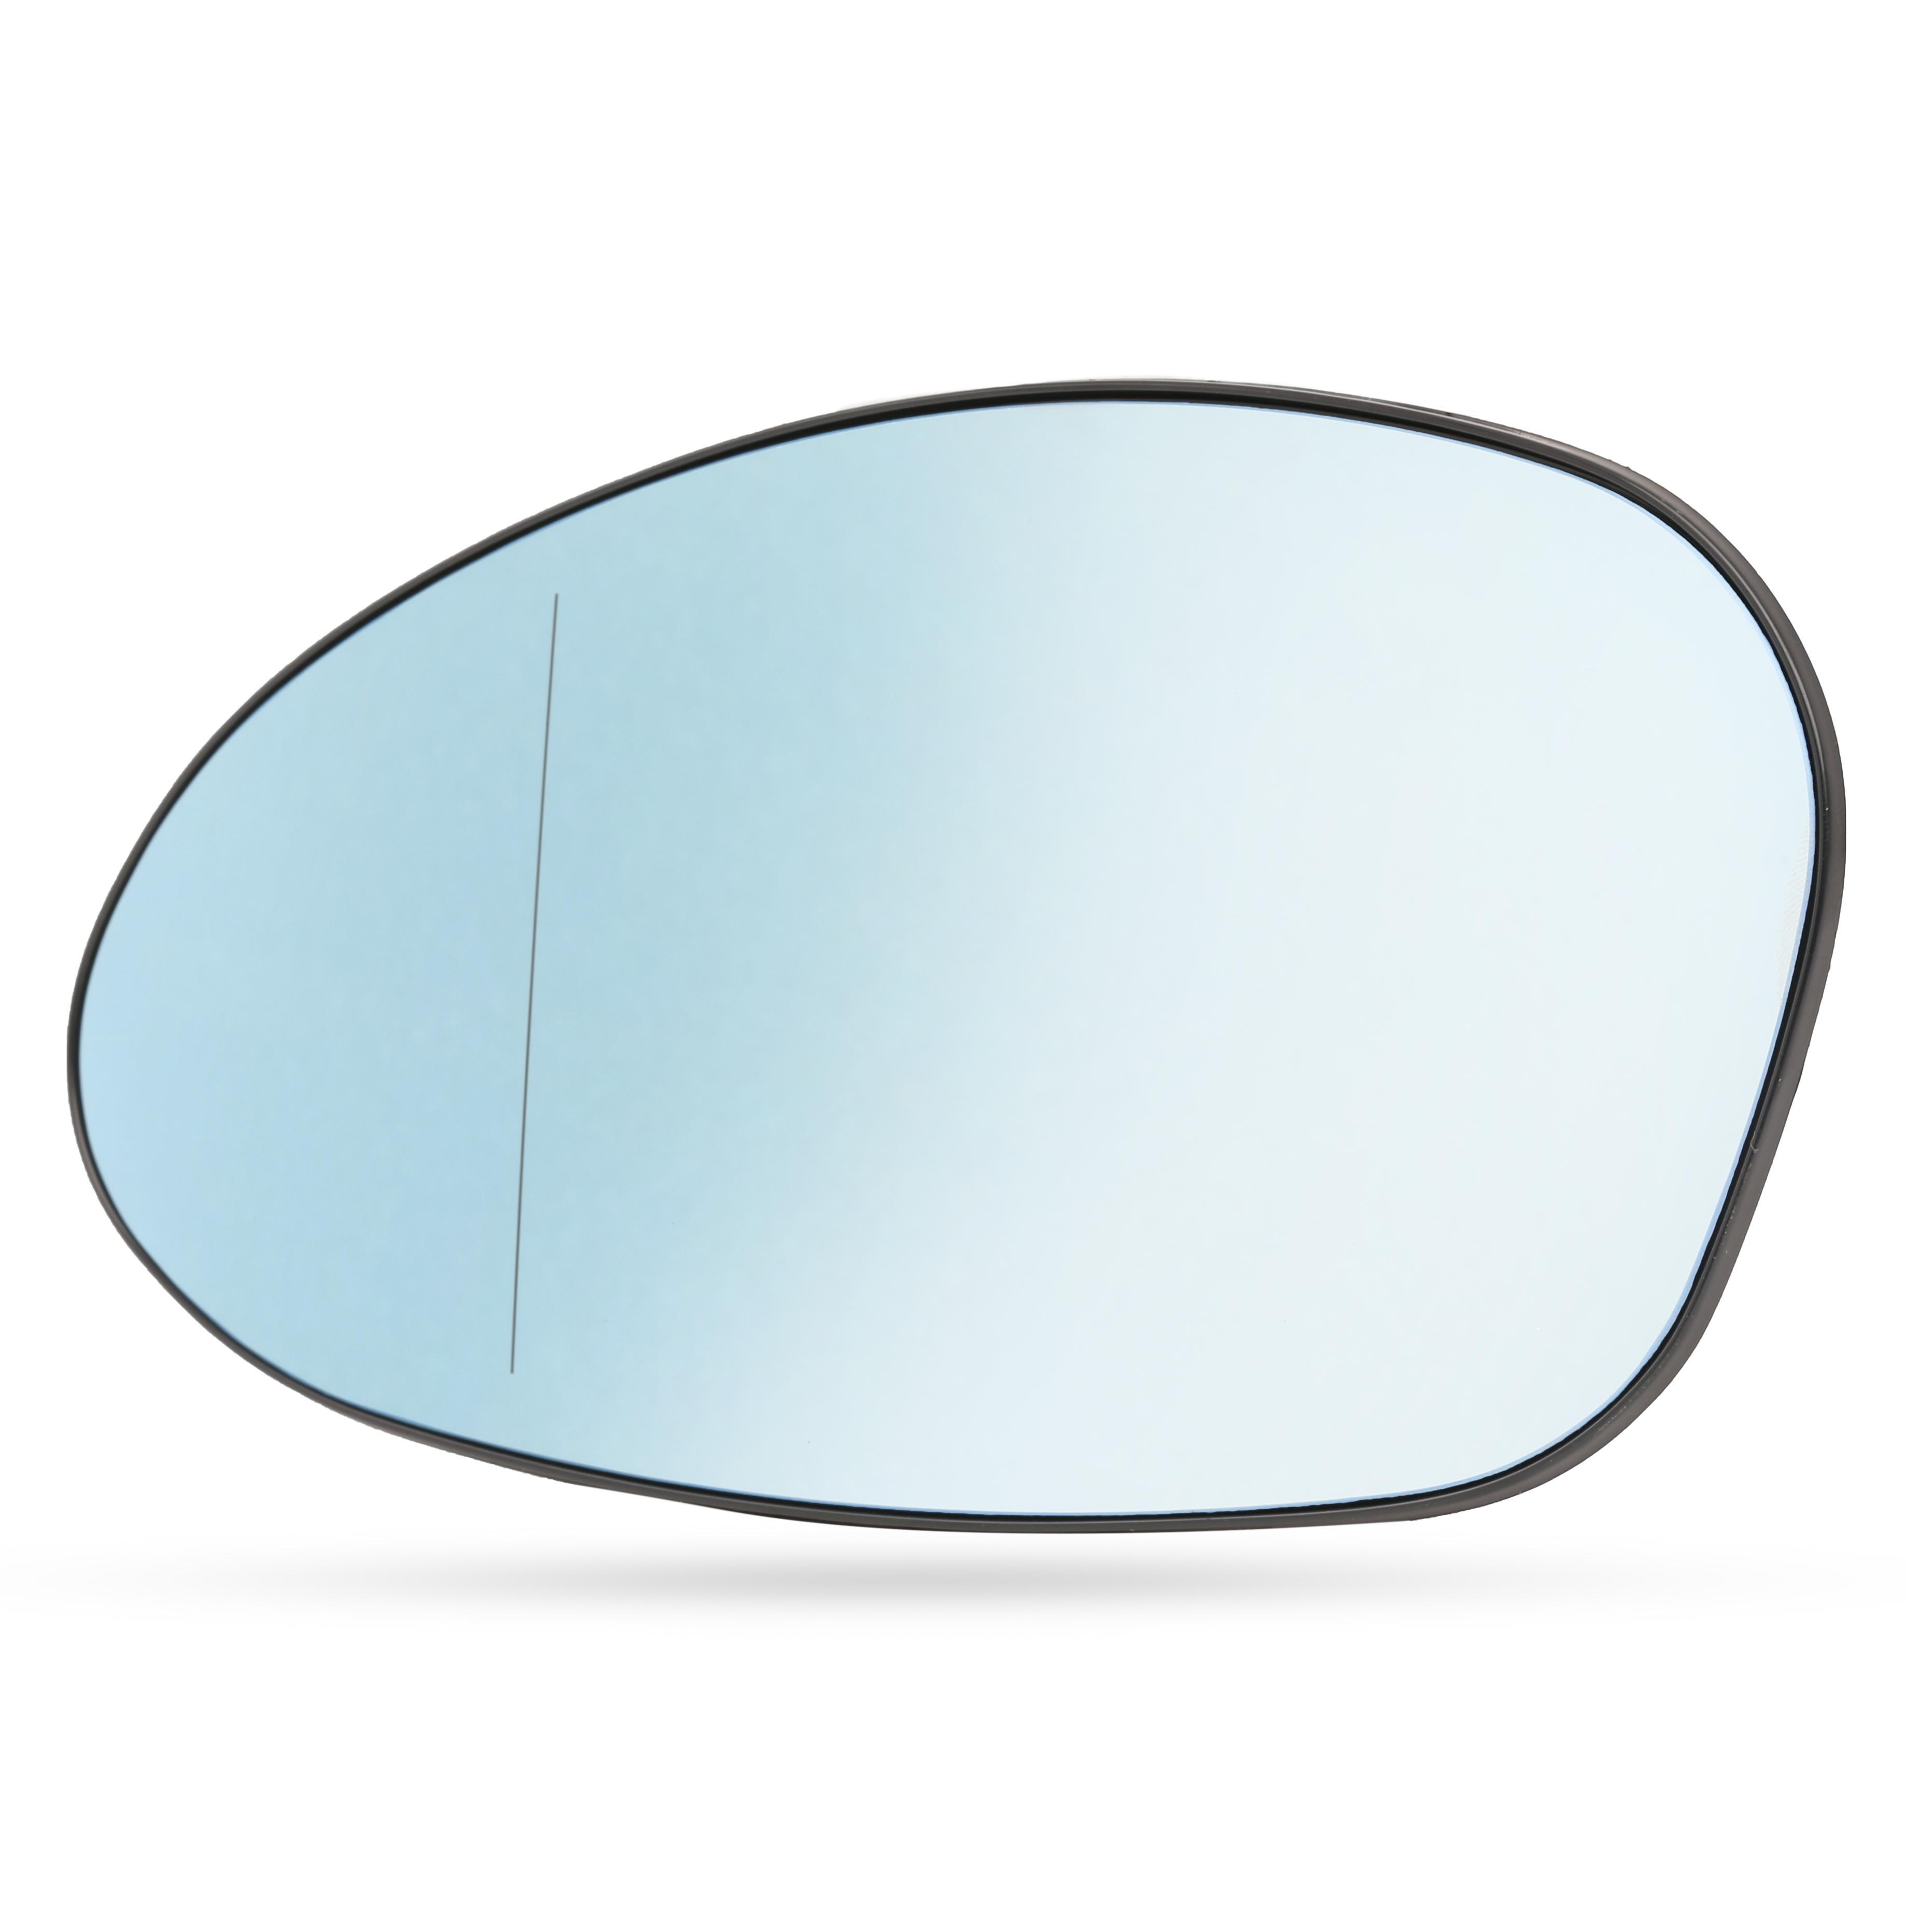 JOHNS   Spiegelglas, Außenspiegel 20 01 37-81